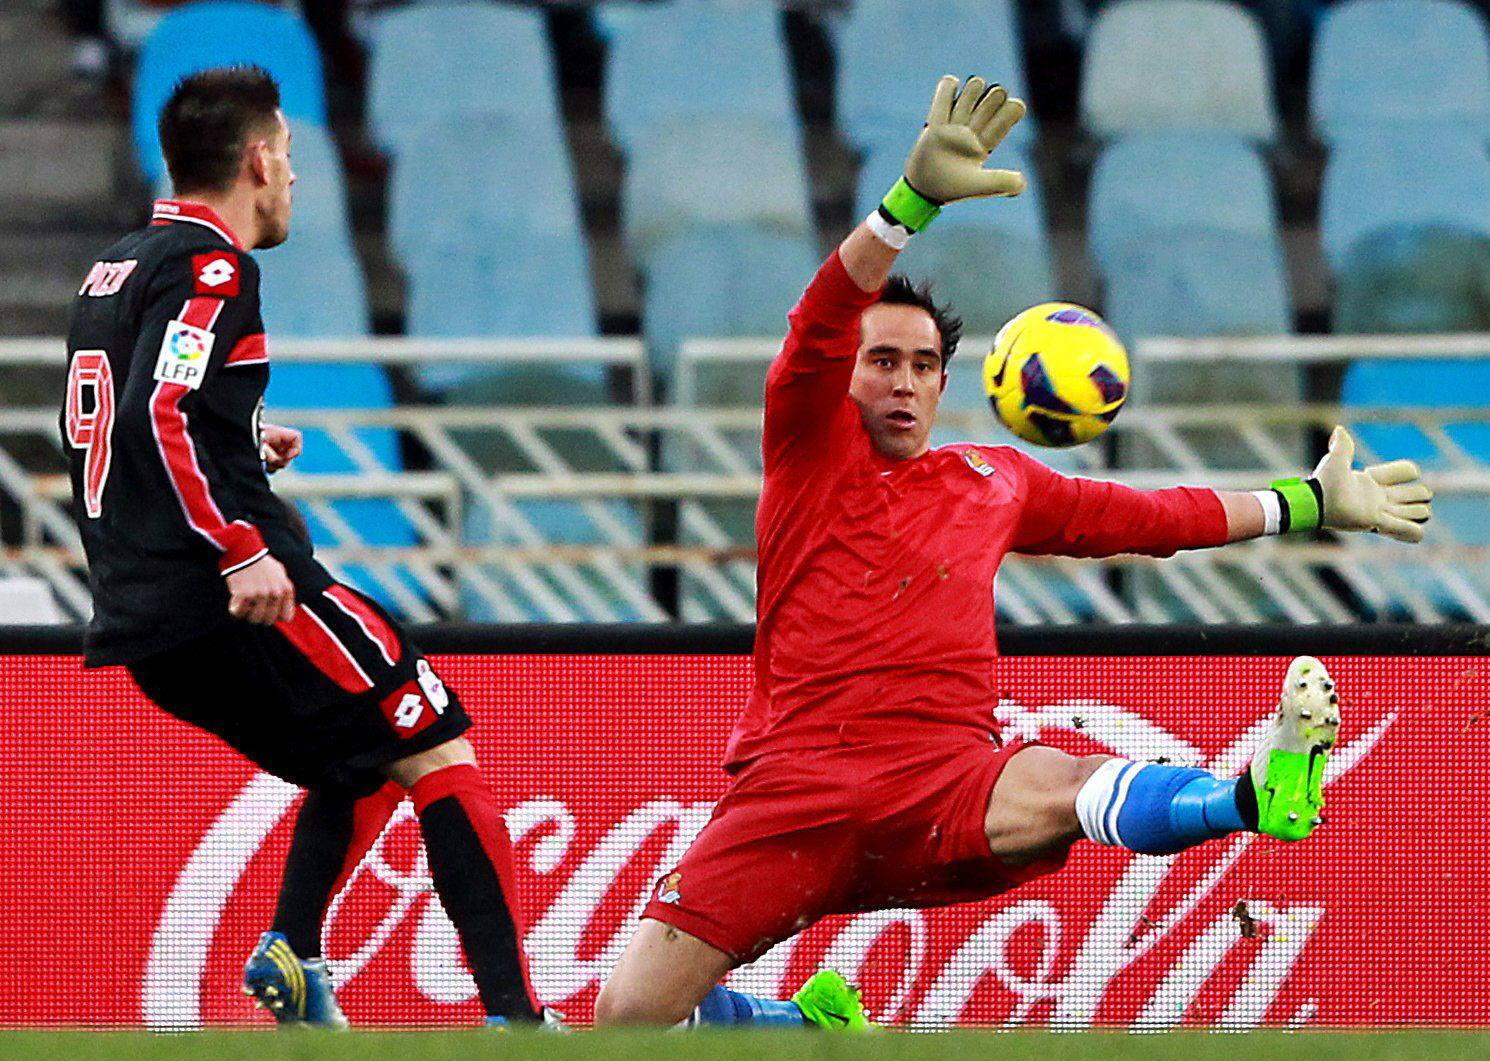 Deportivo - Real Sociedad: los antecedentes